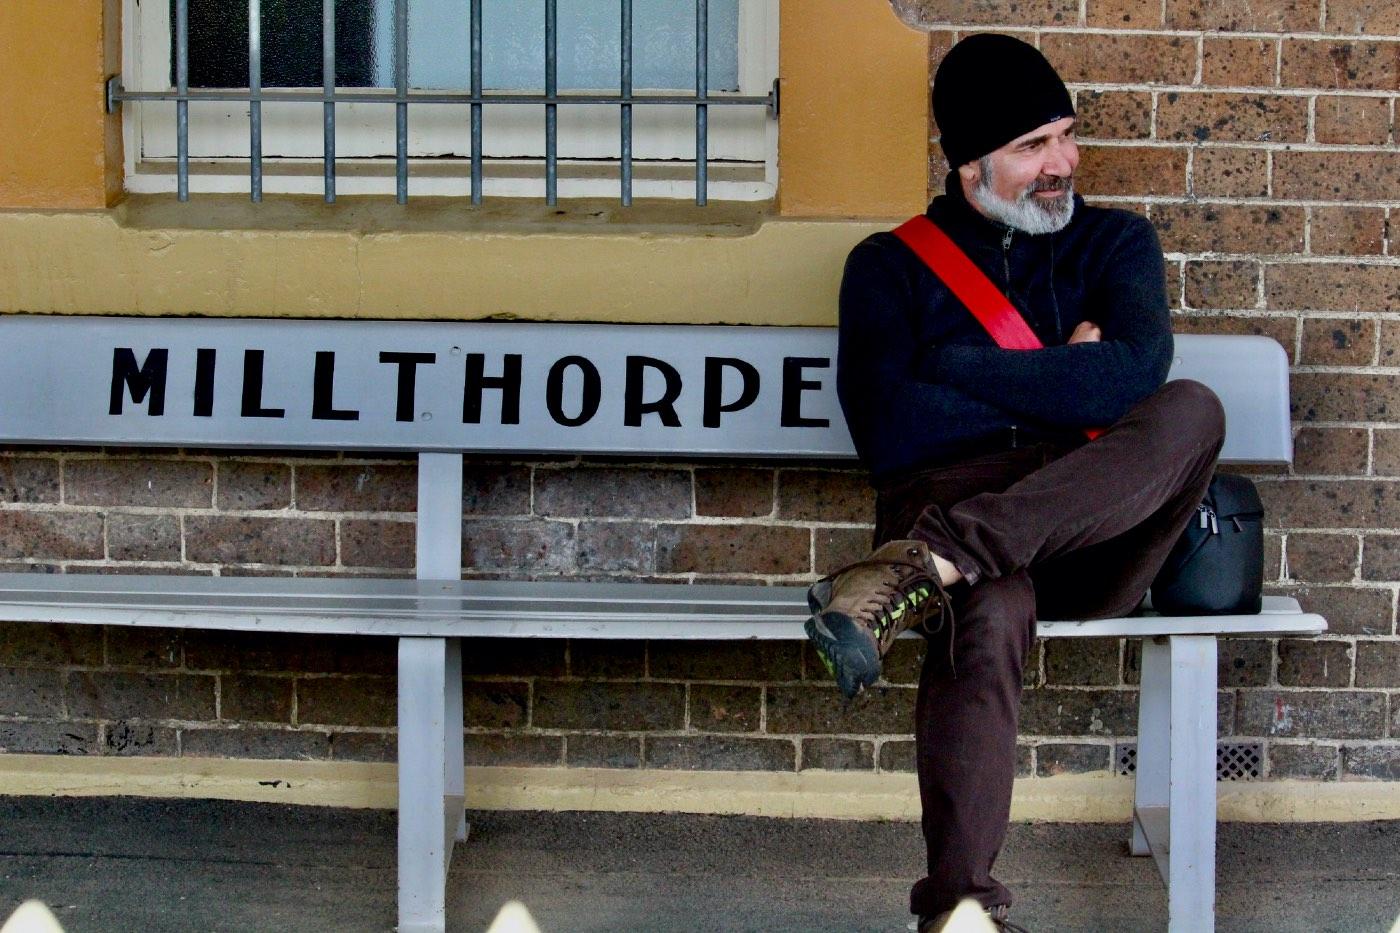 Storitella in Millthorpe Village Orange NSW